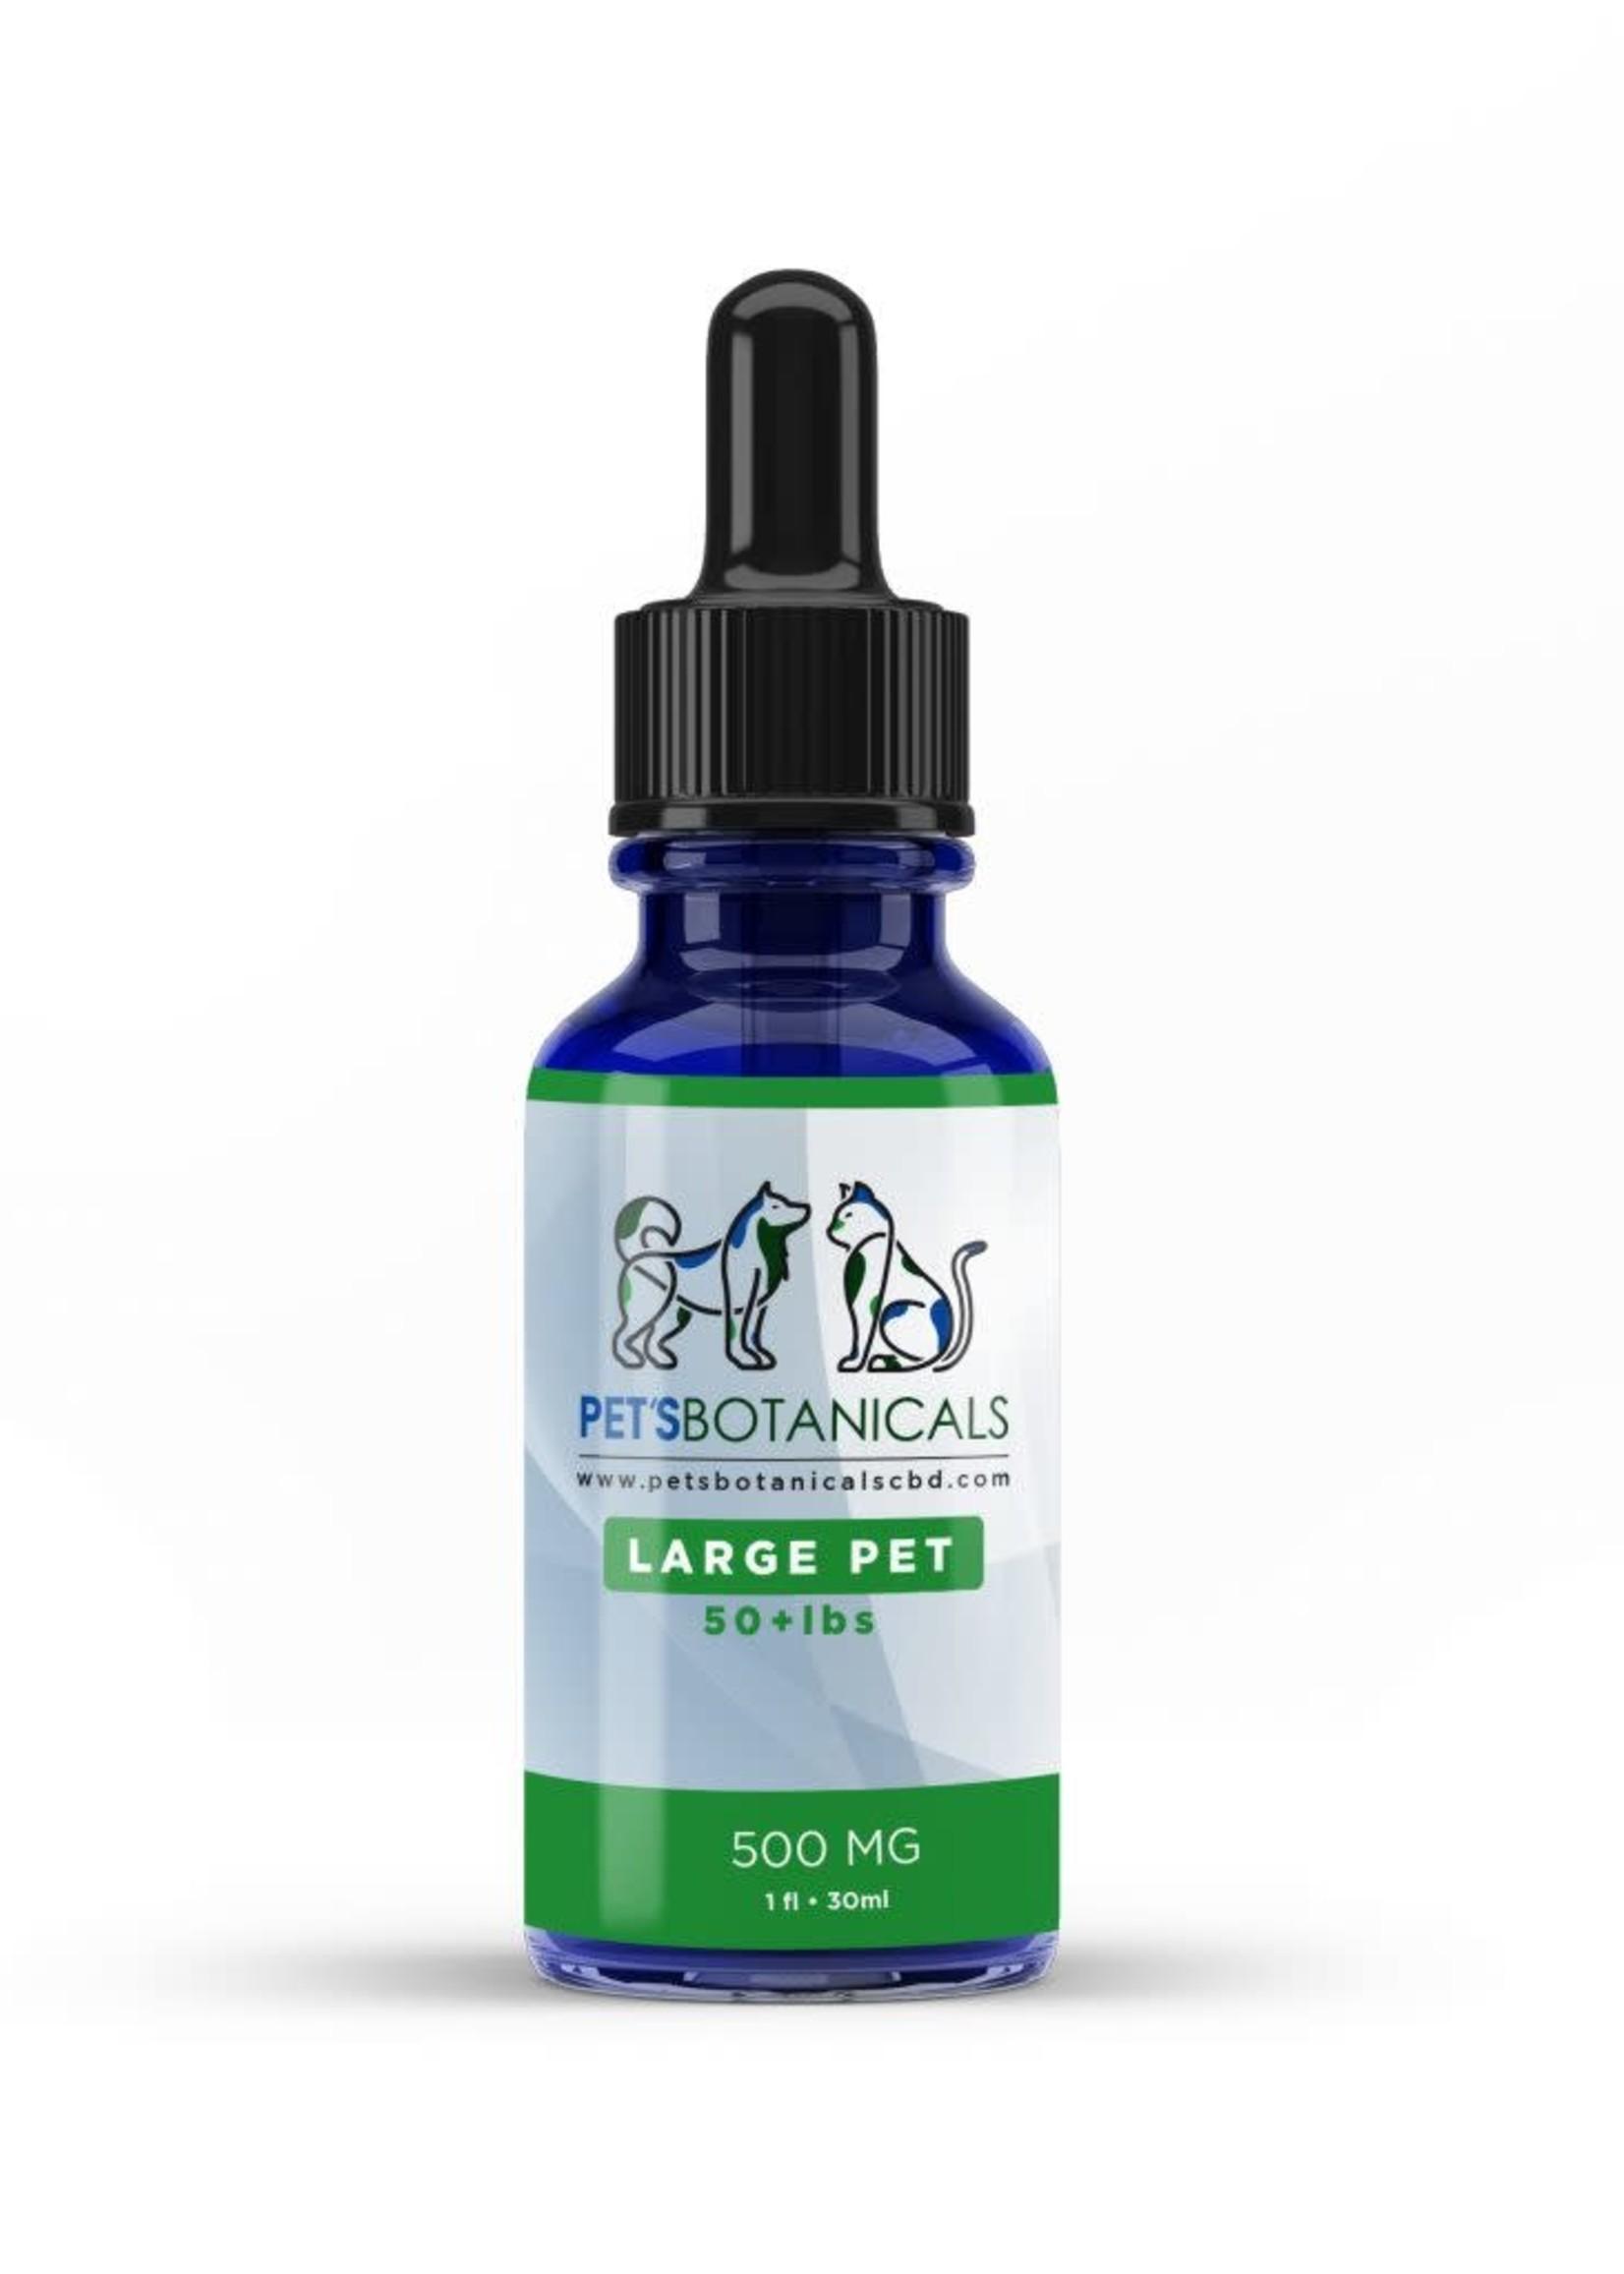 Pet's Botanicals Pet's Botanicals 500 mg Large Pet Formula over 50 Pounds